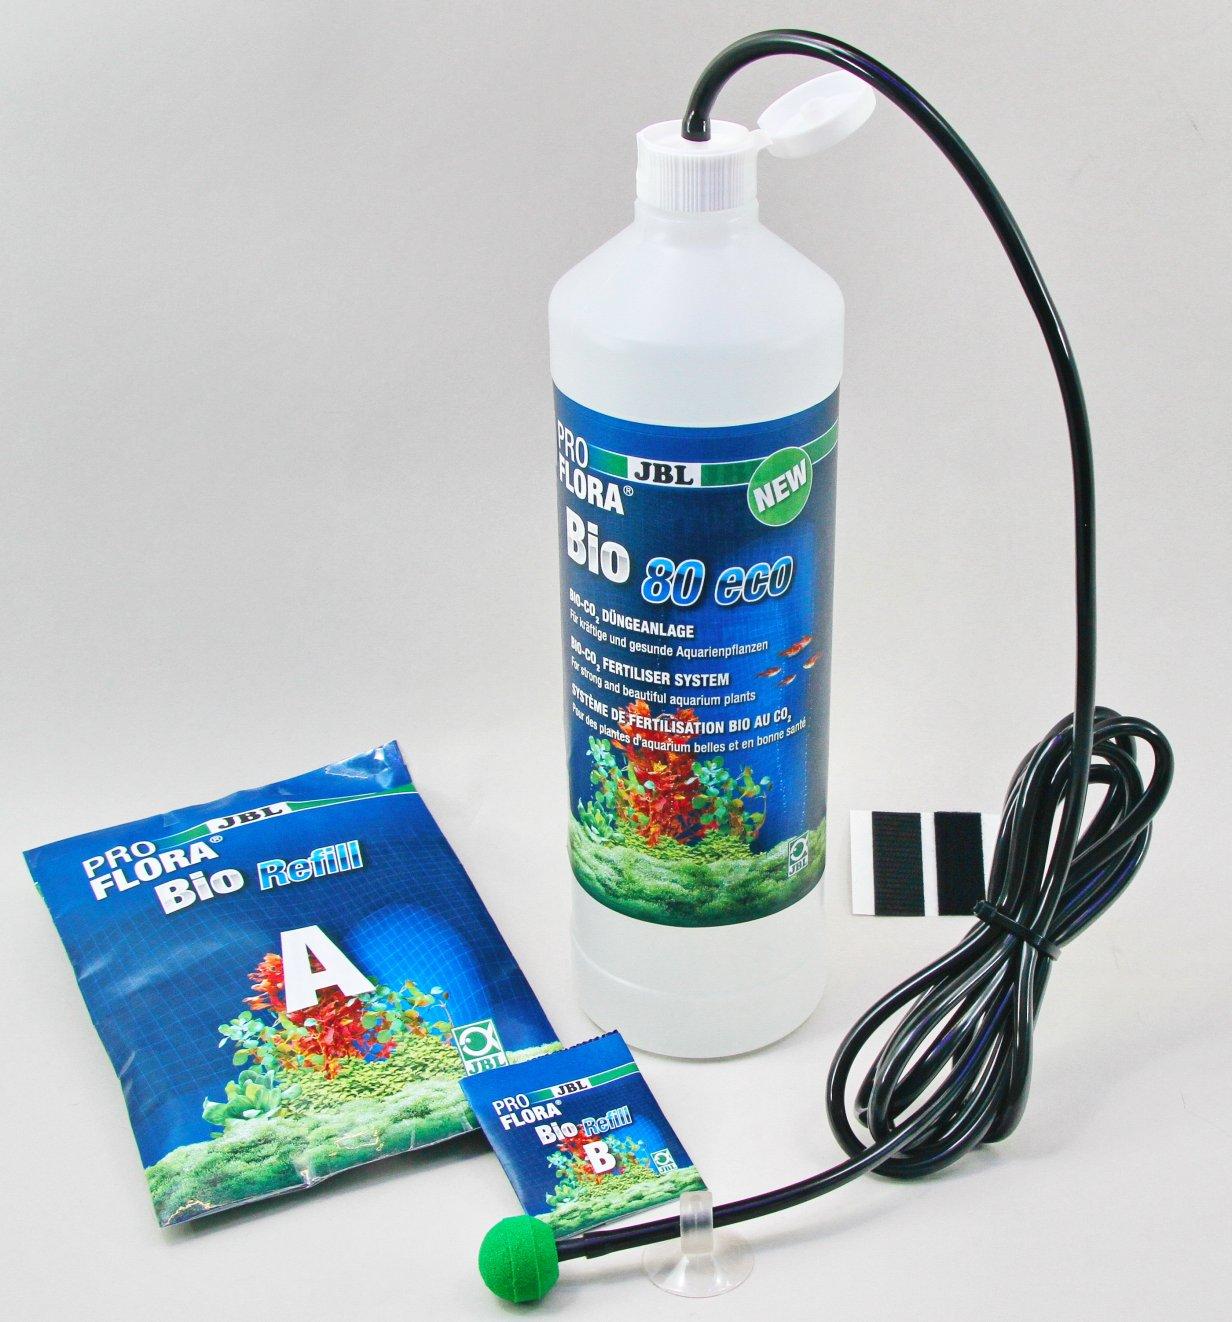 Shop JBL ProFlora Bio 80 eco